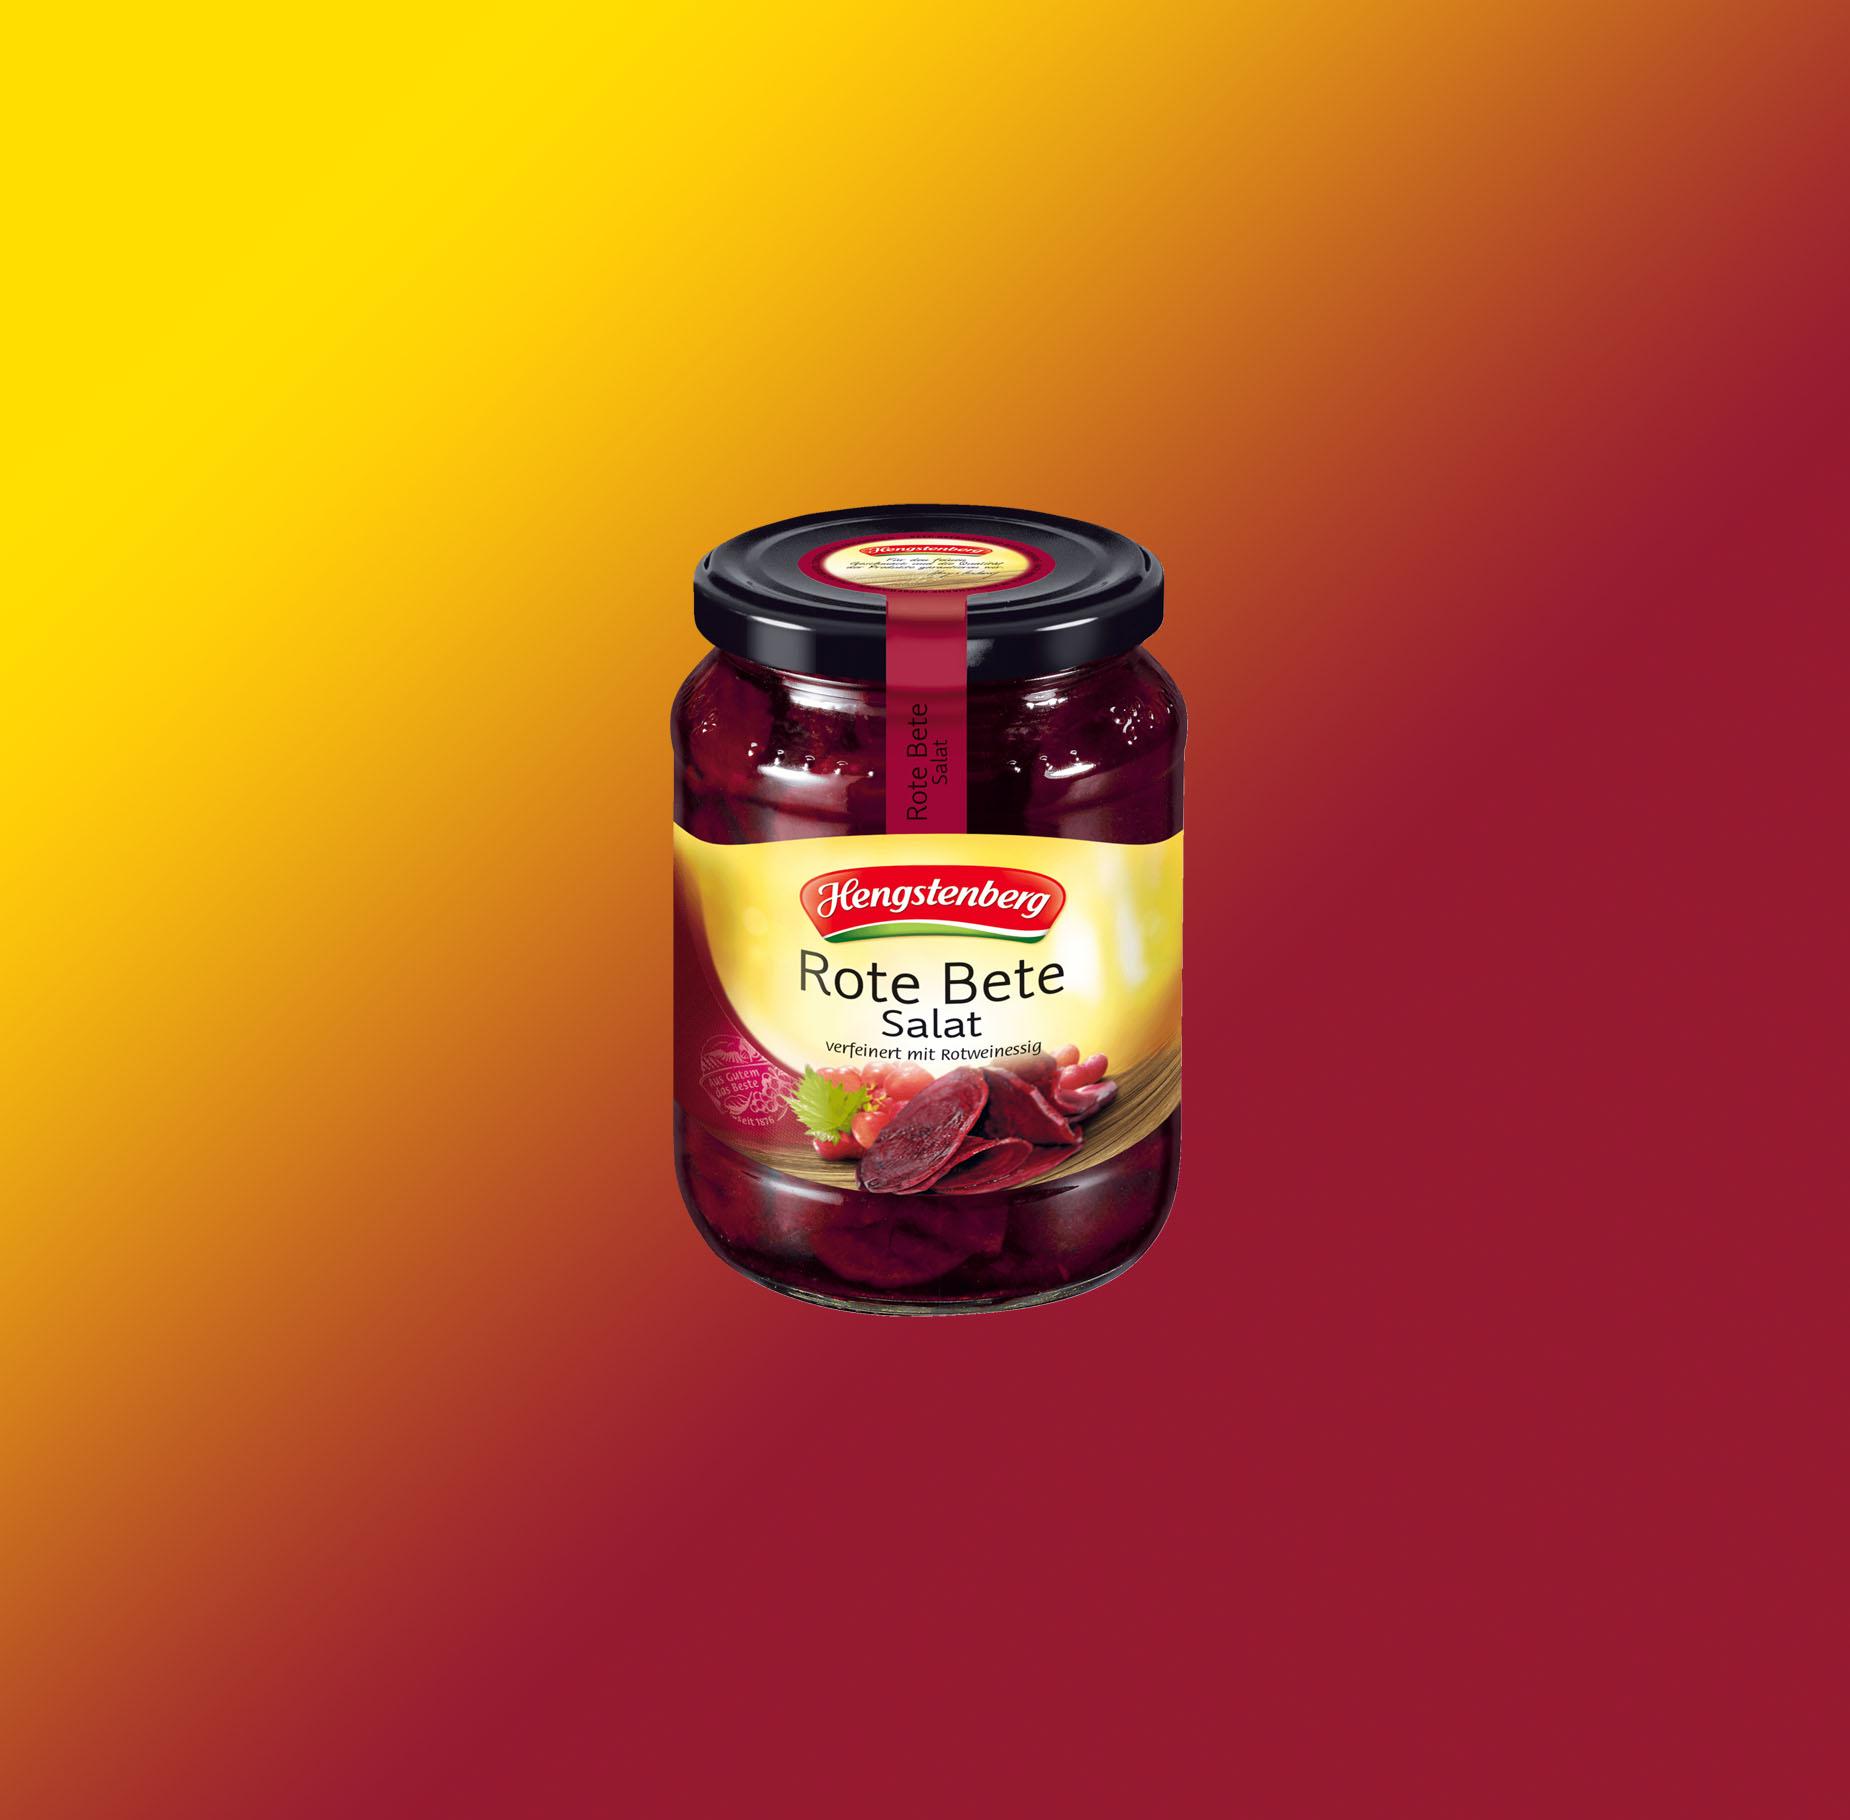 Rote bete salat (Ensalada de remolacha roja)